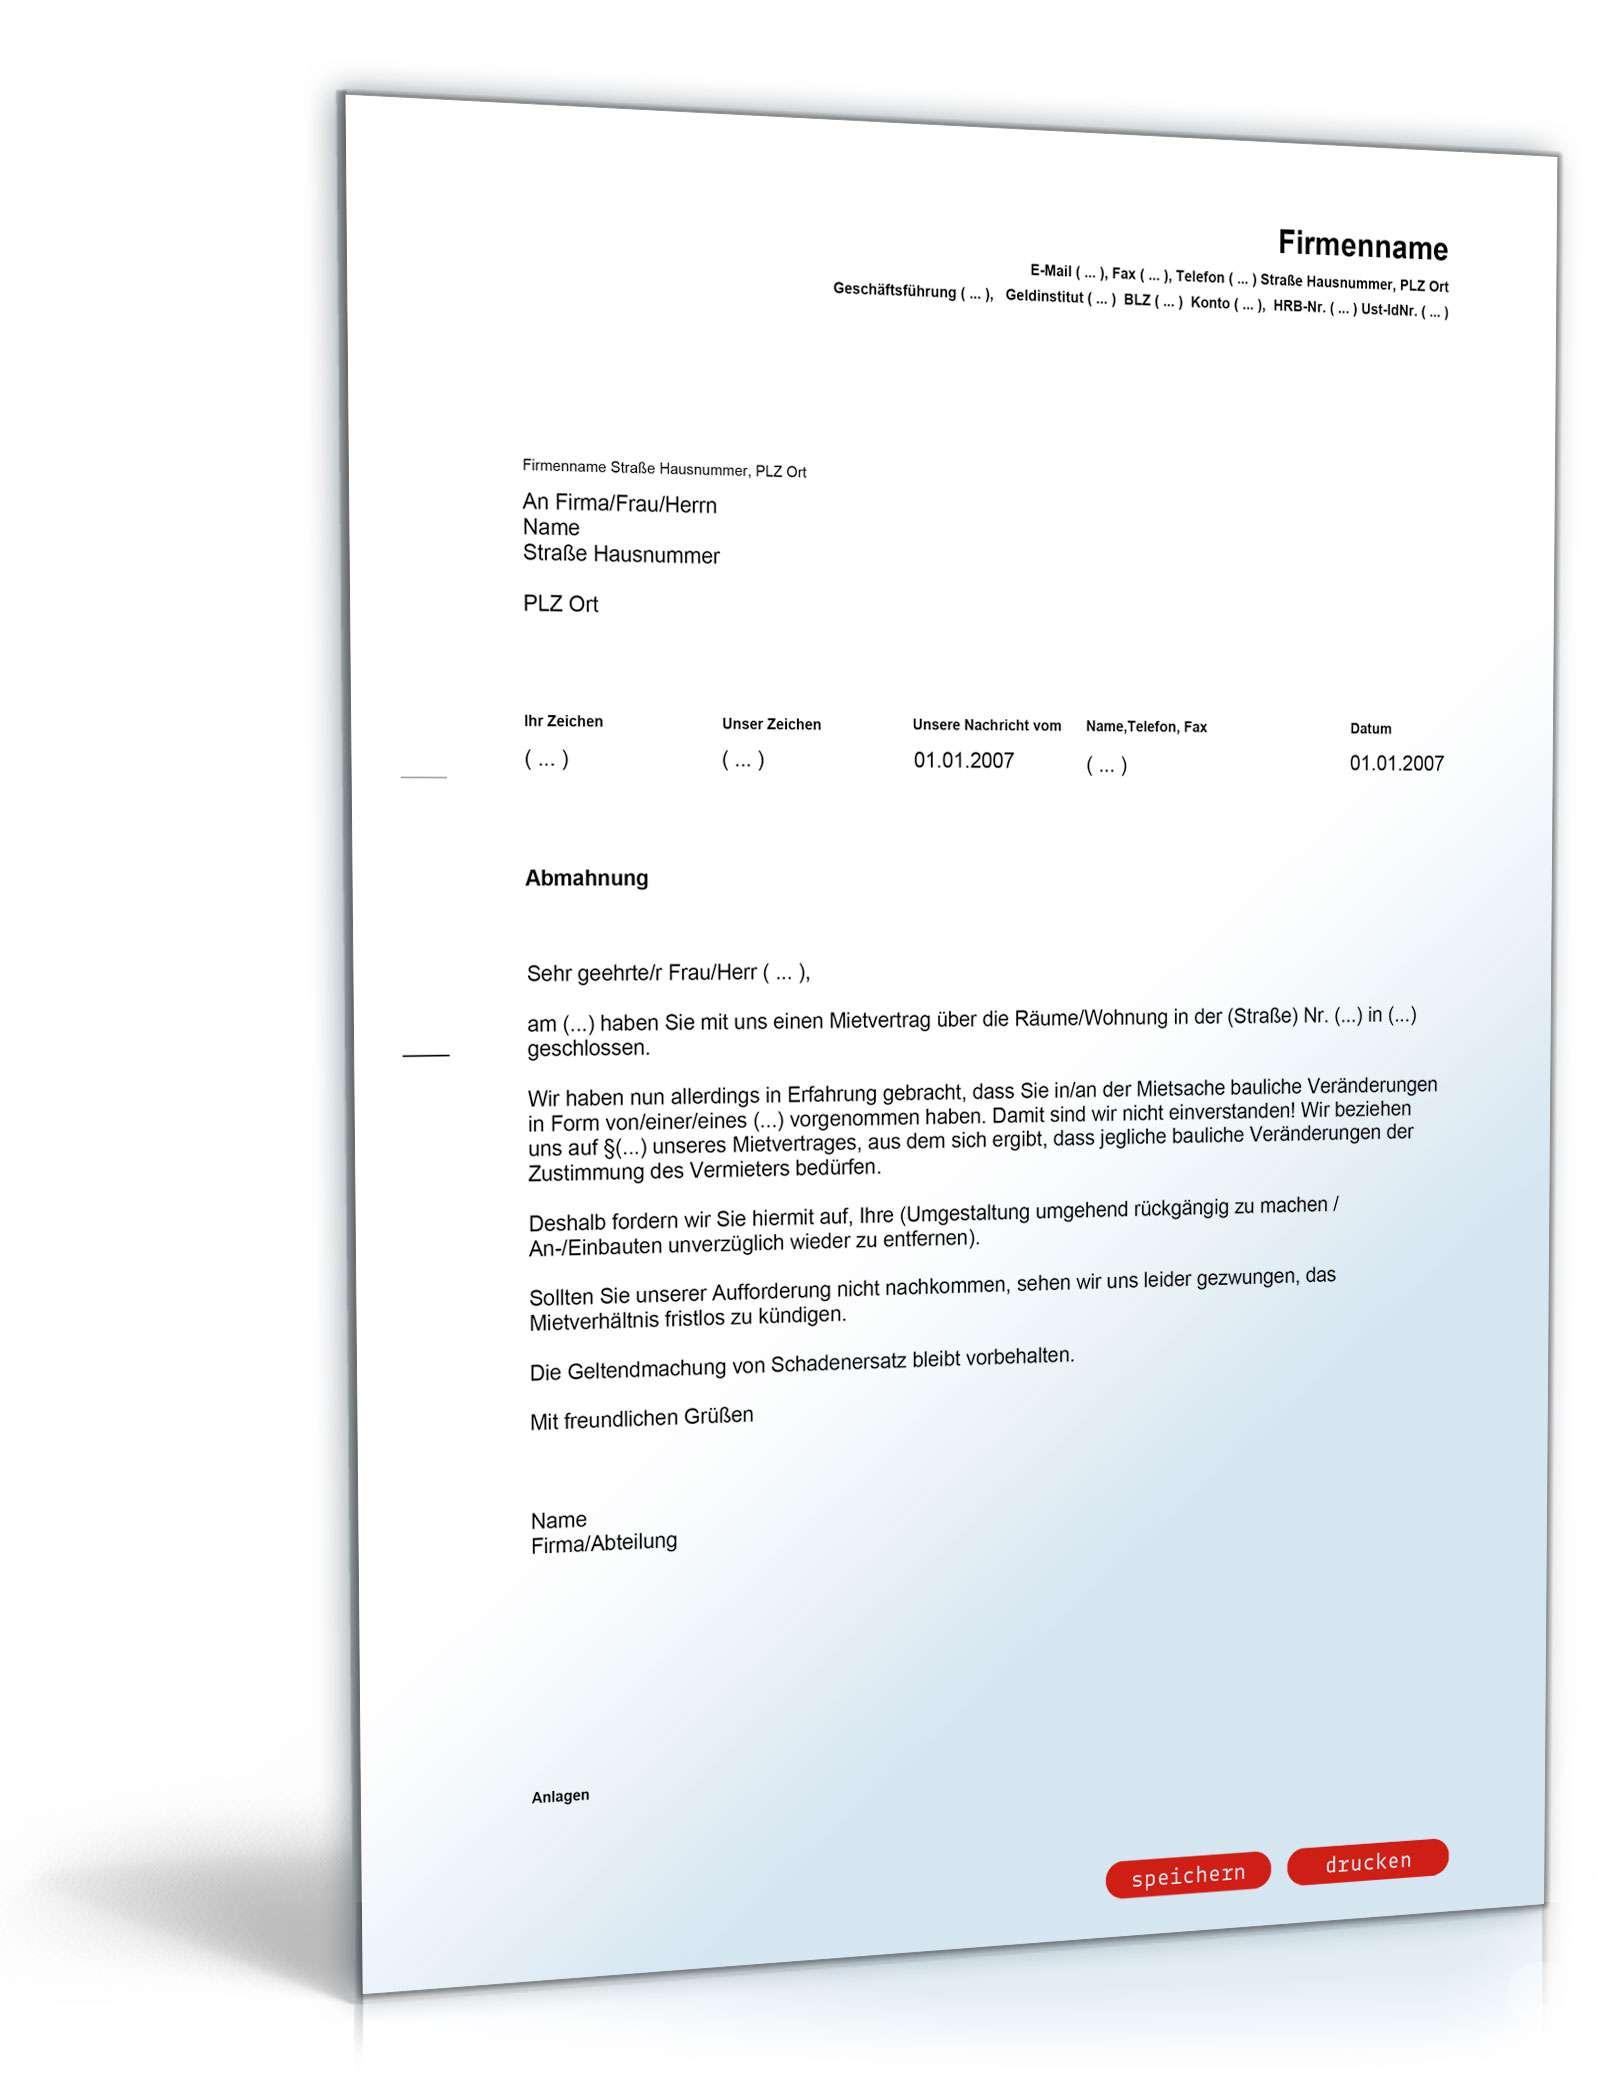 Abmahnung Wegen Baulicher Veränderung Muster Brief Zum Download